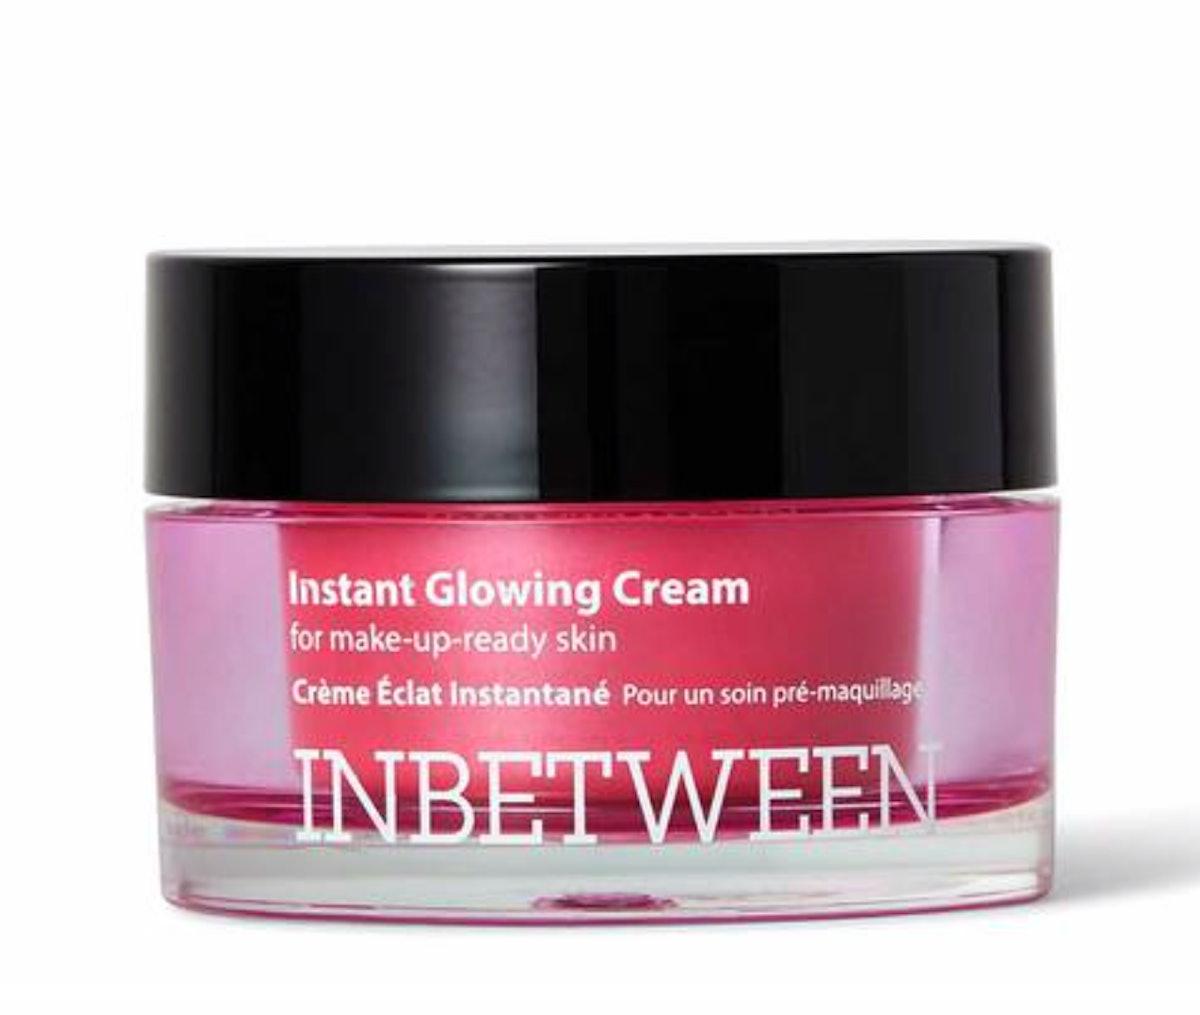 Blithe InBetween Instant Glowing Cream